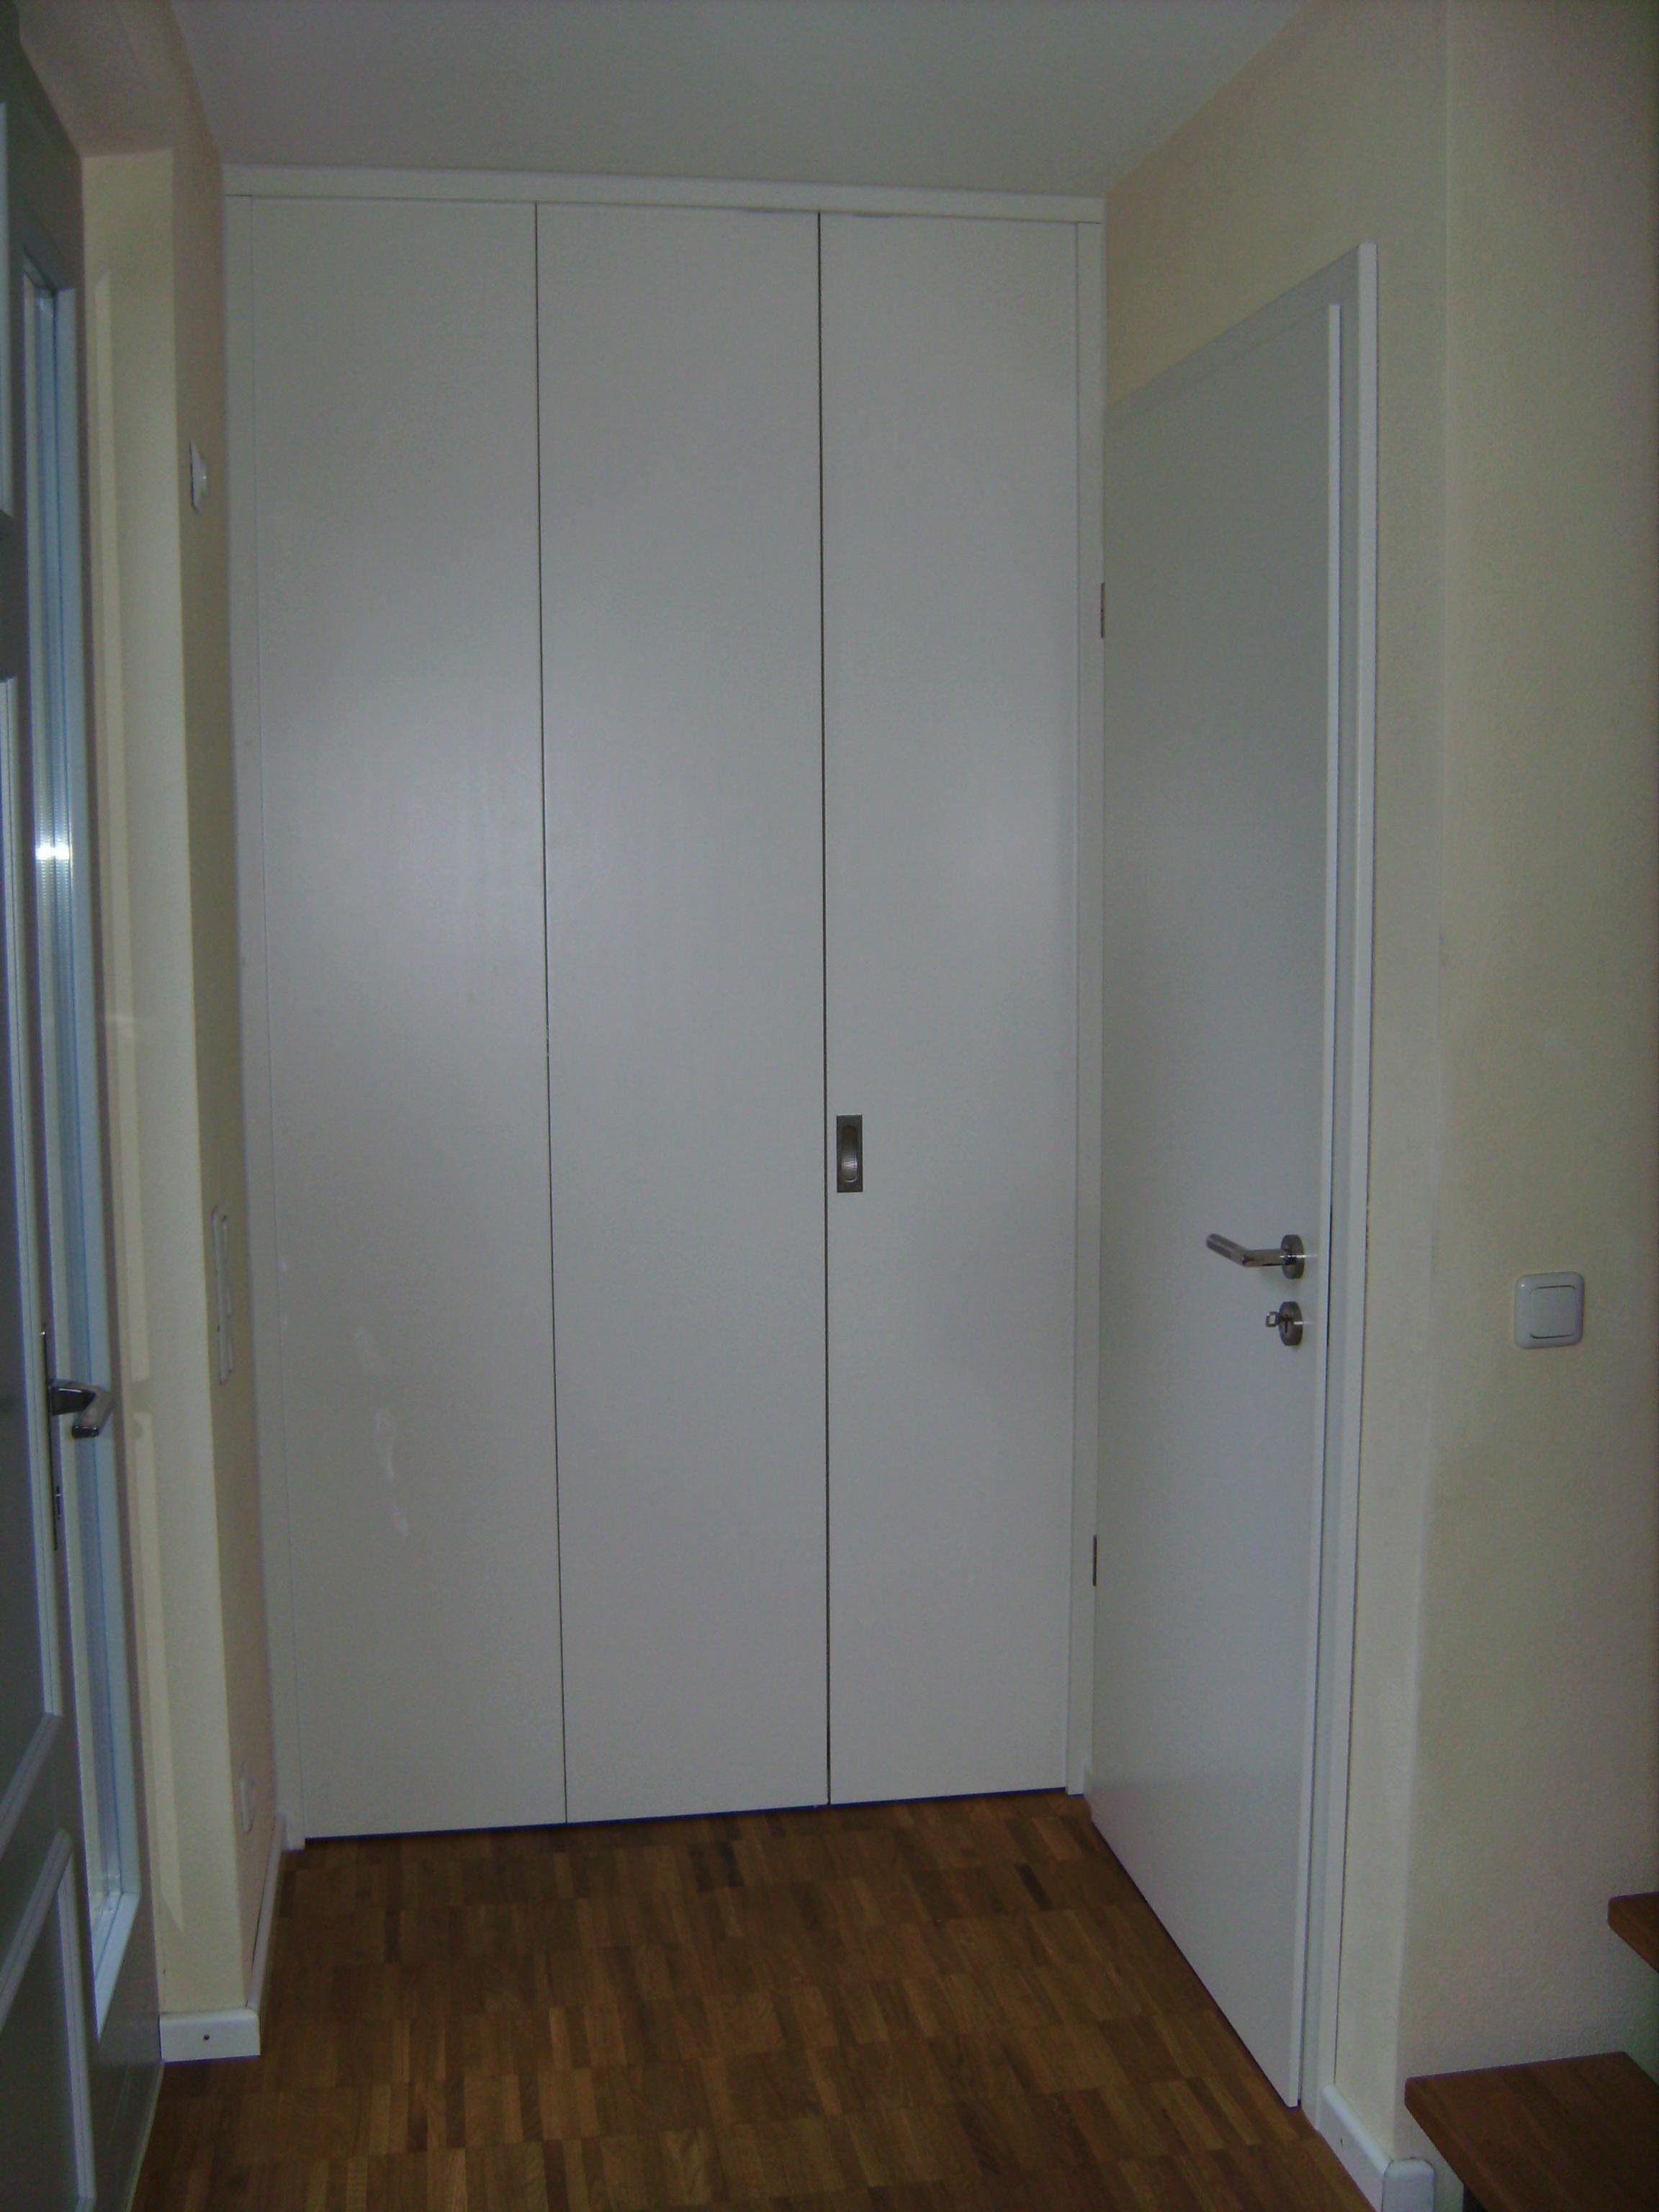 Garderobe mit Falttür in weiß passend zur Zimmertür